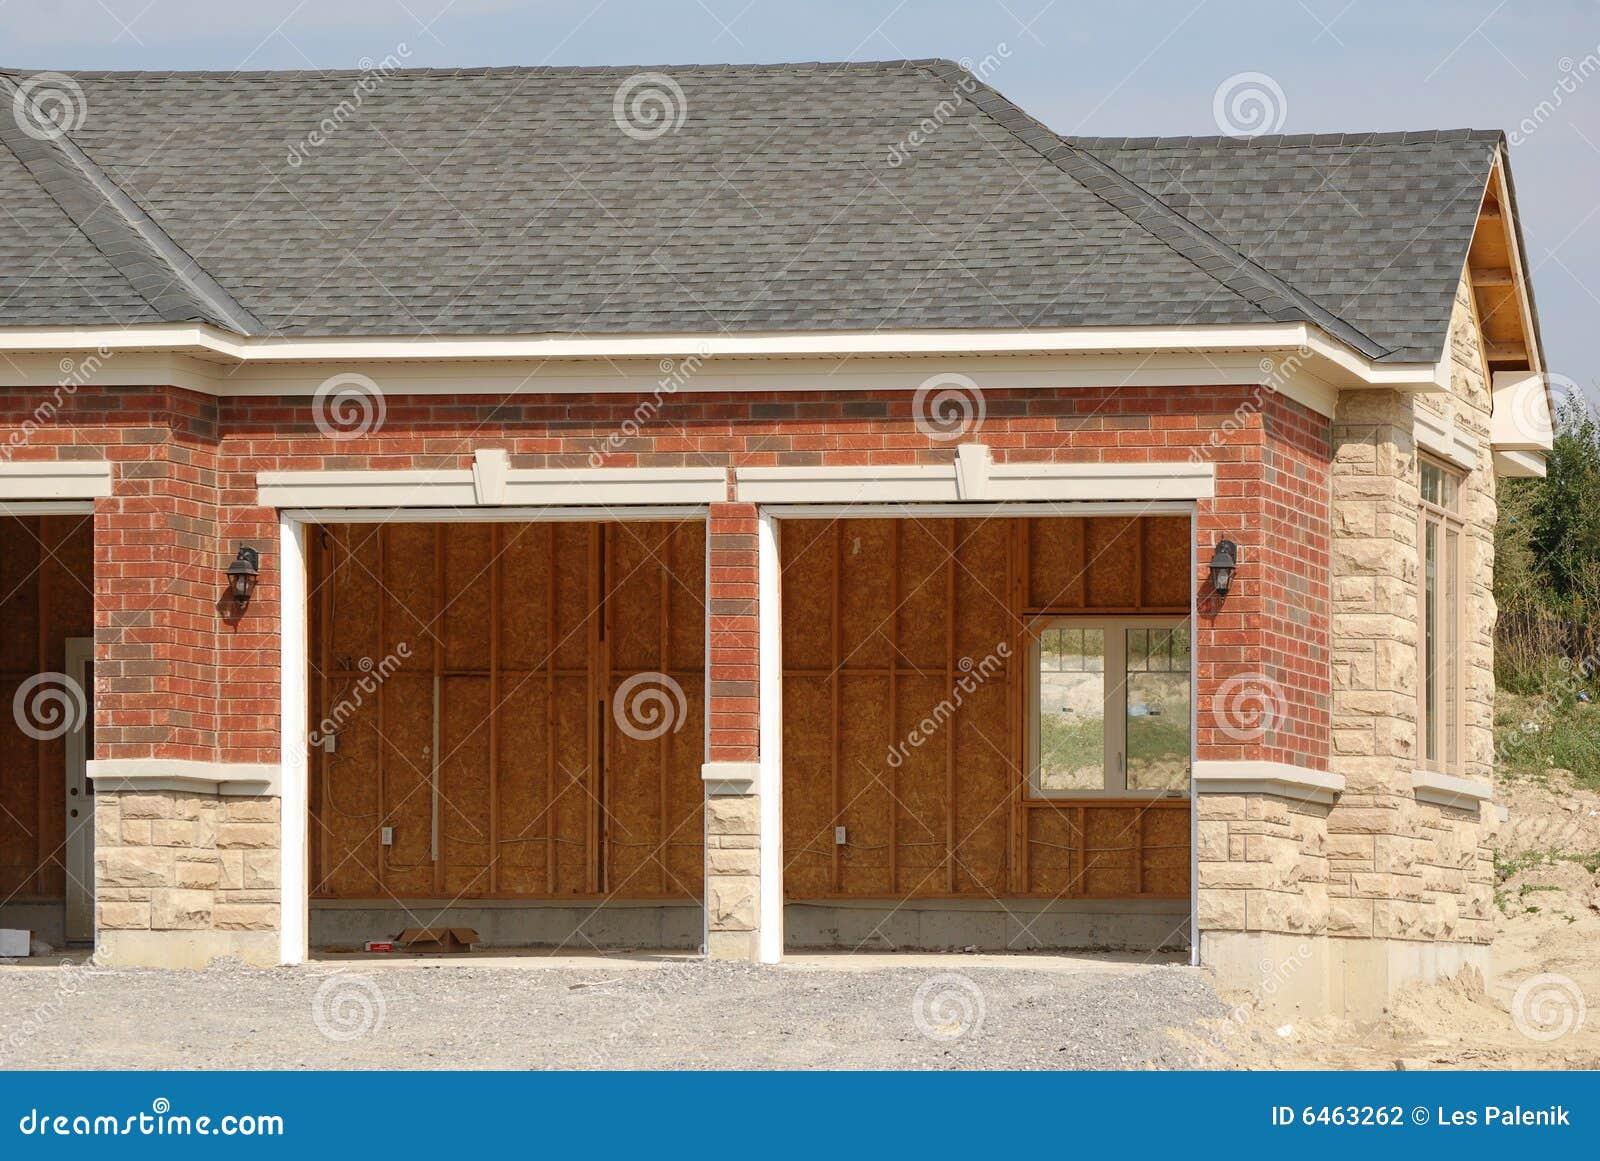 Podwójny garaż niedokończony